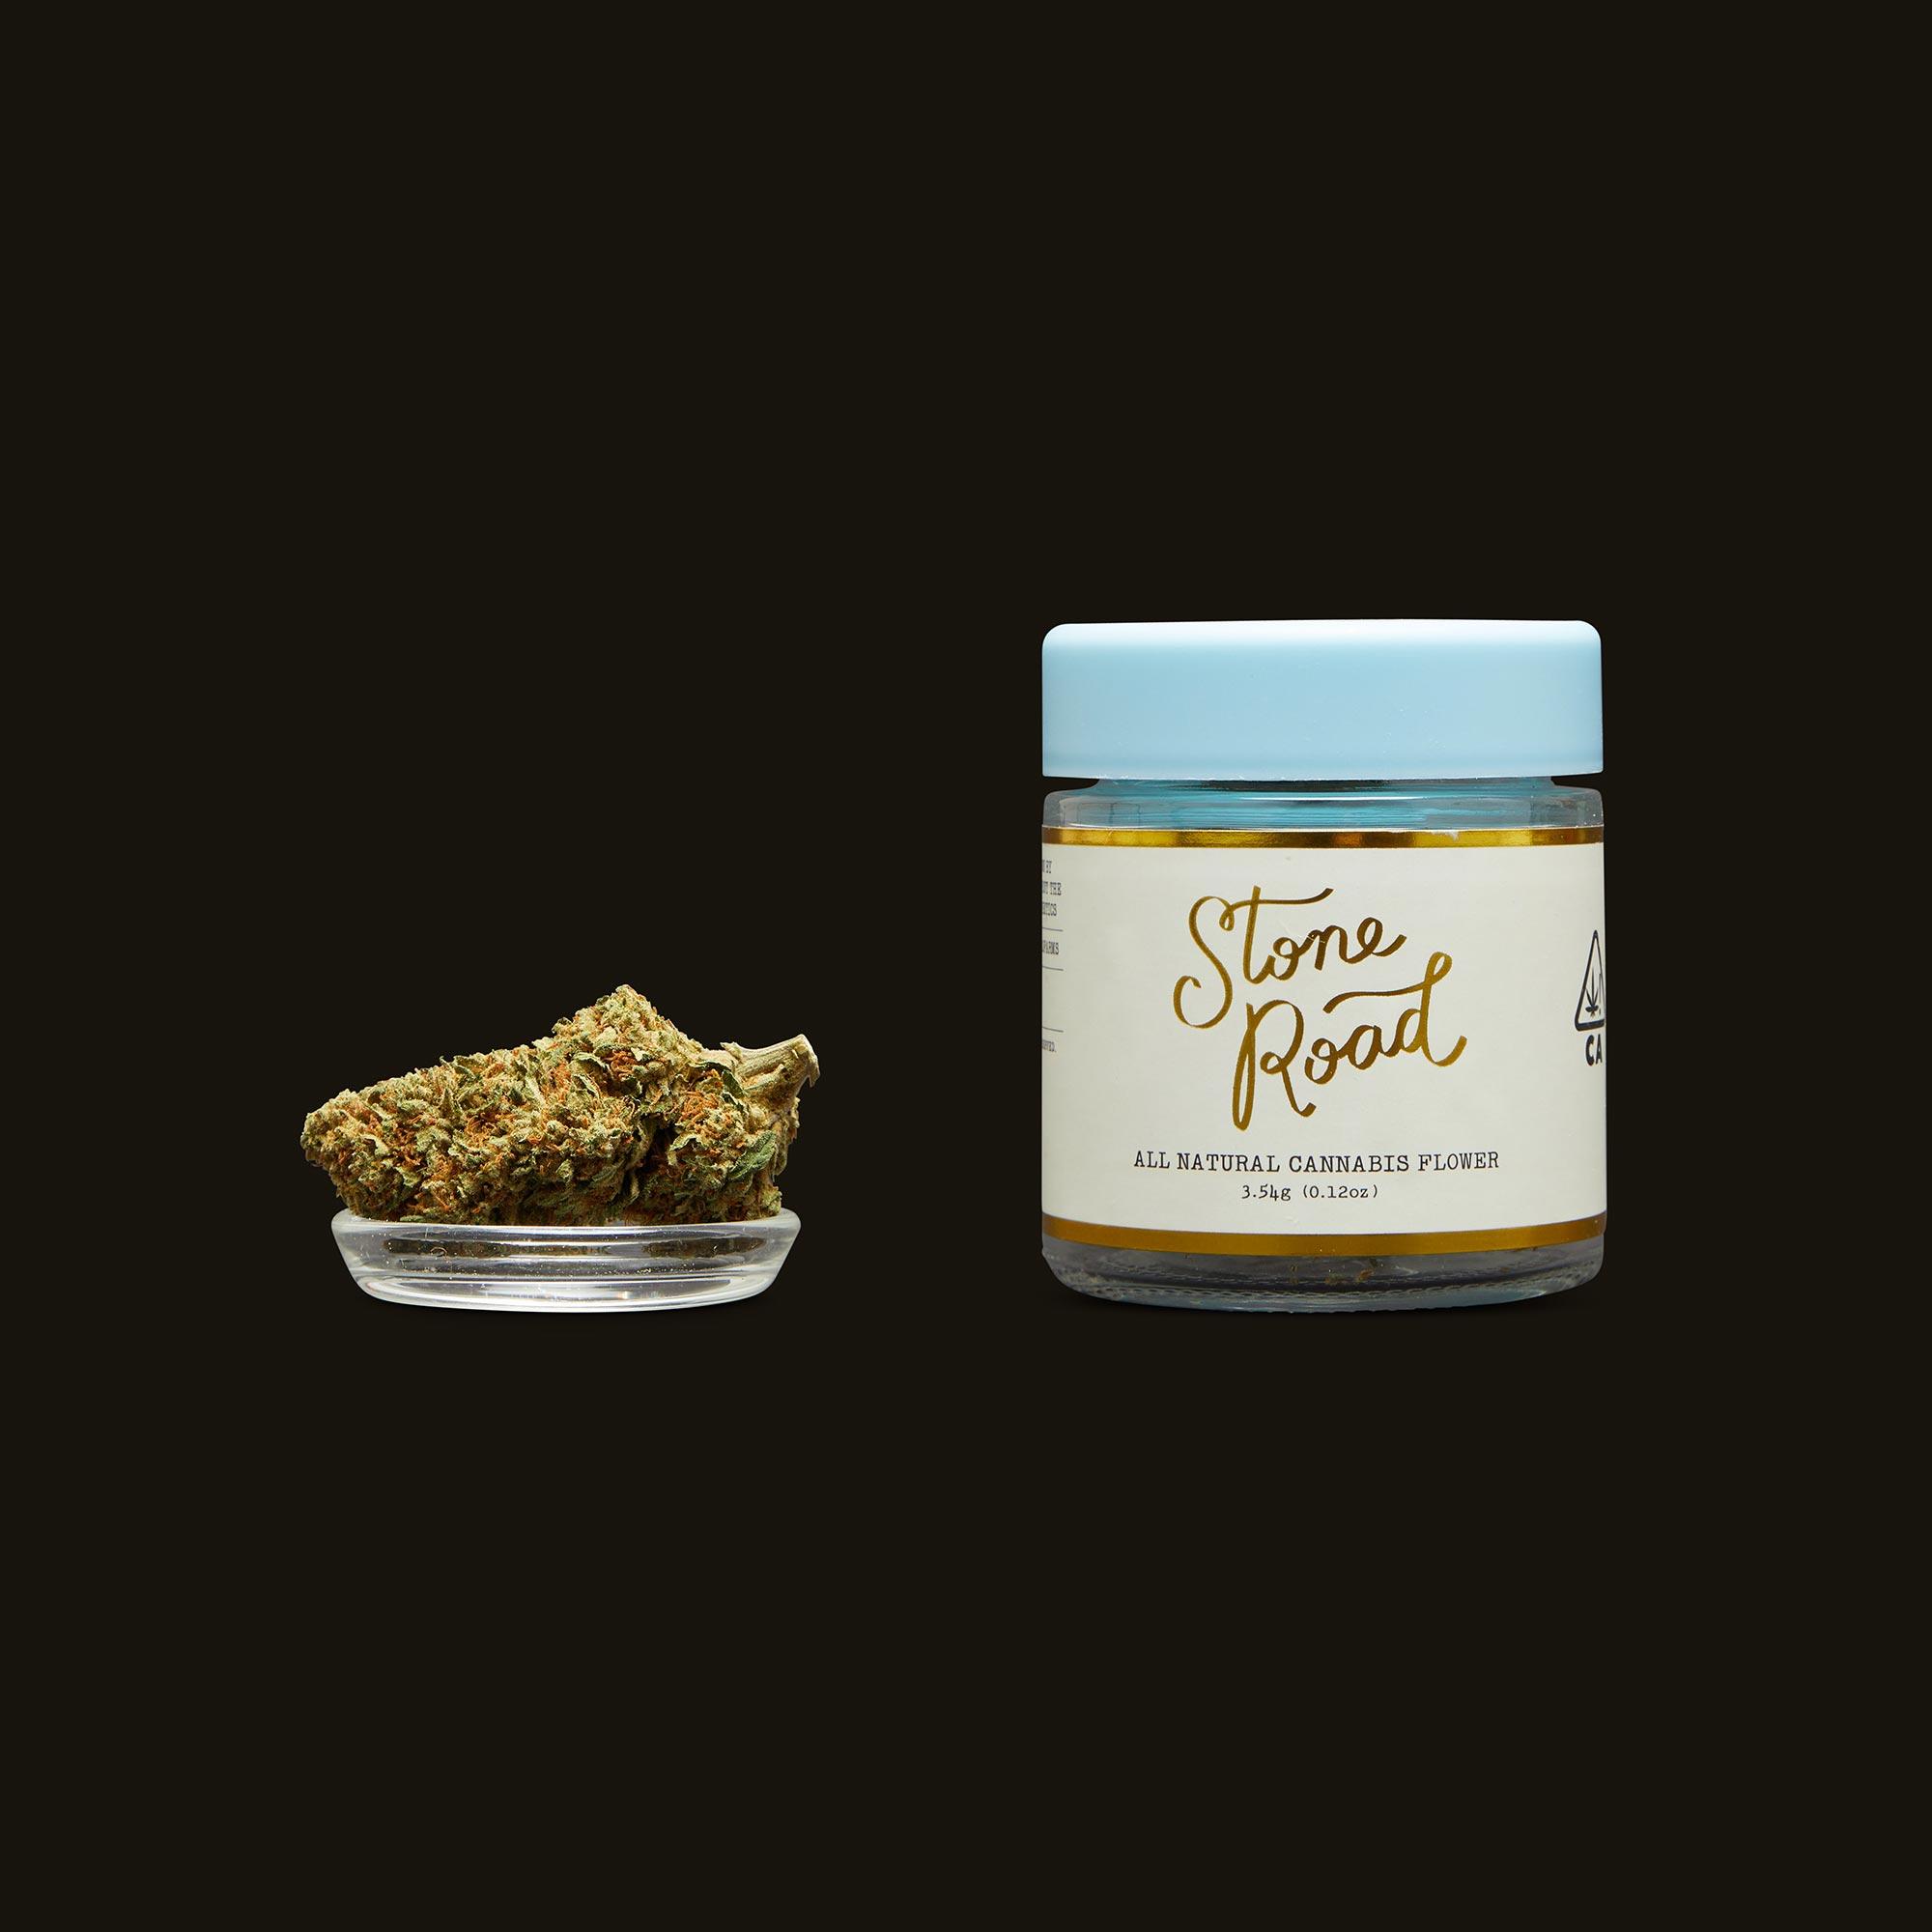 Stone Road Gelato Cookies